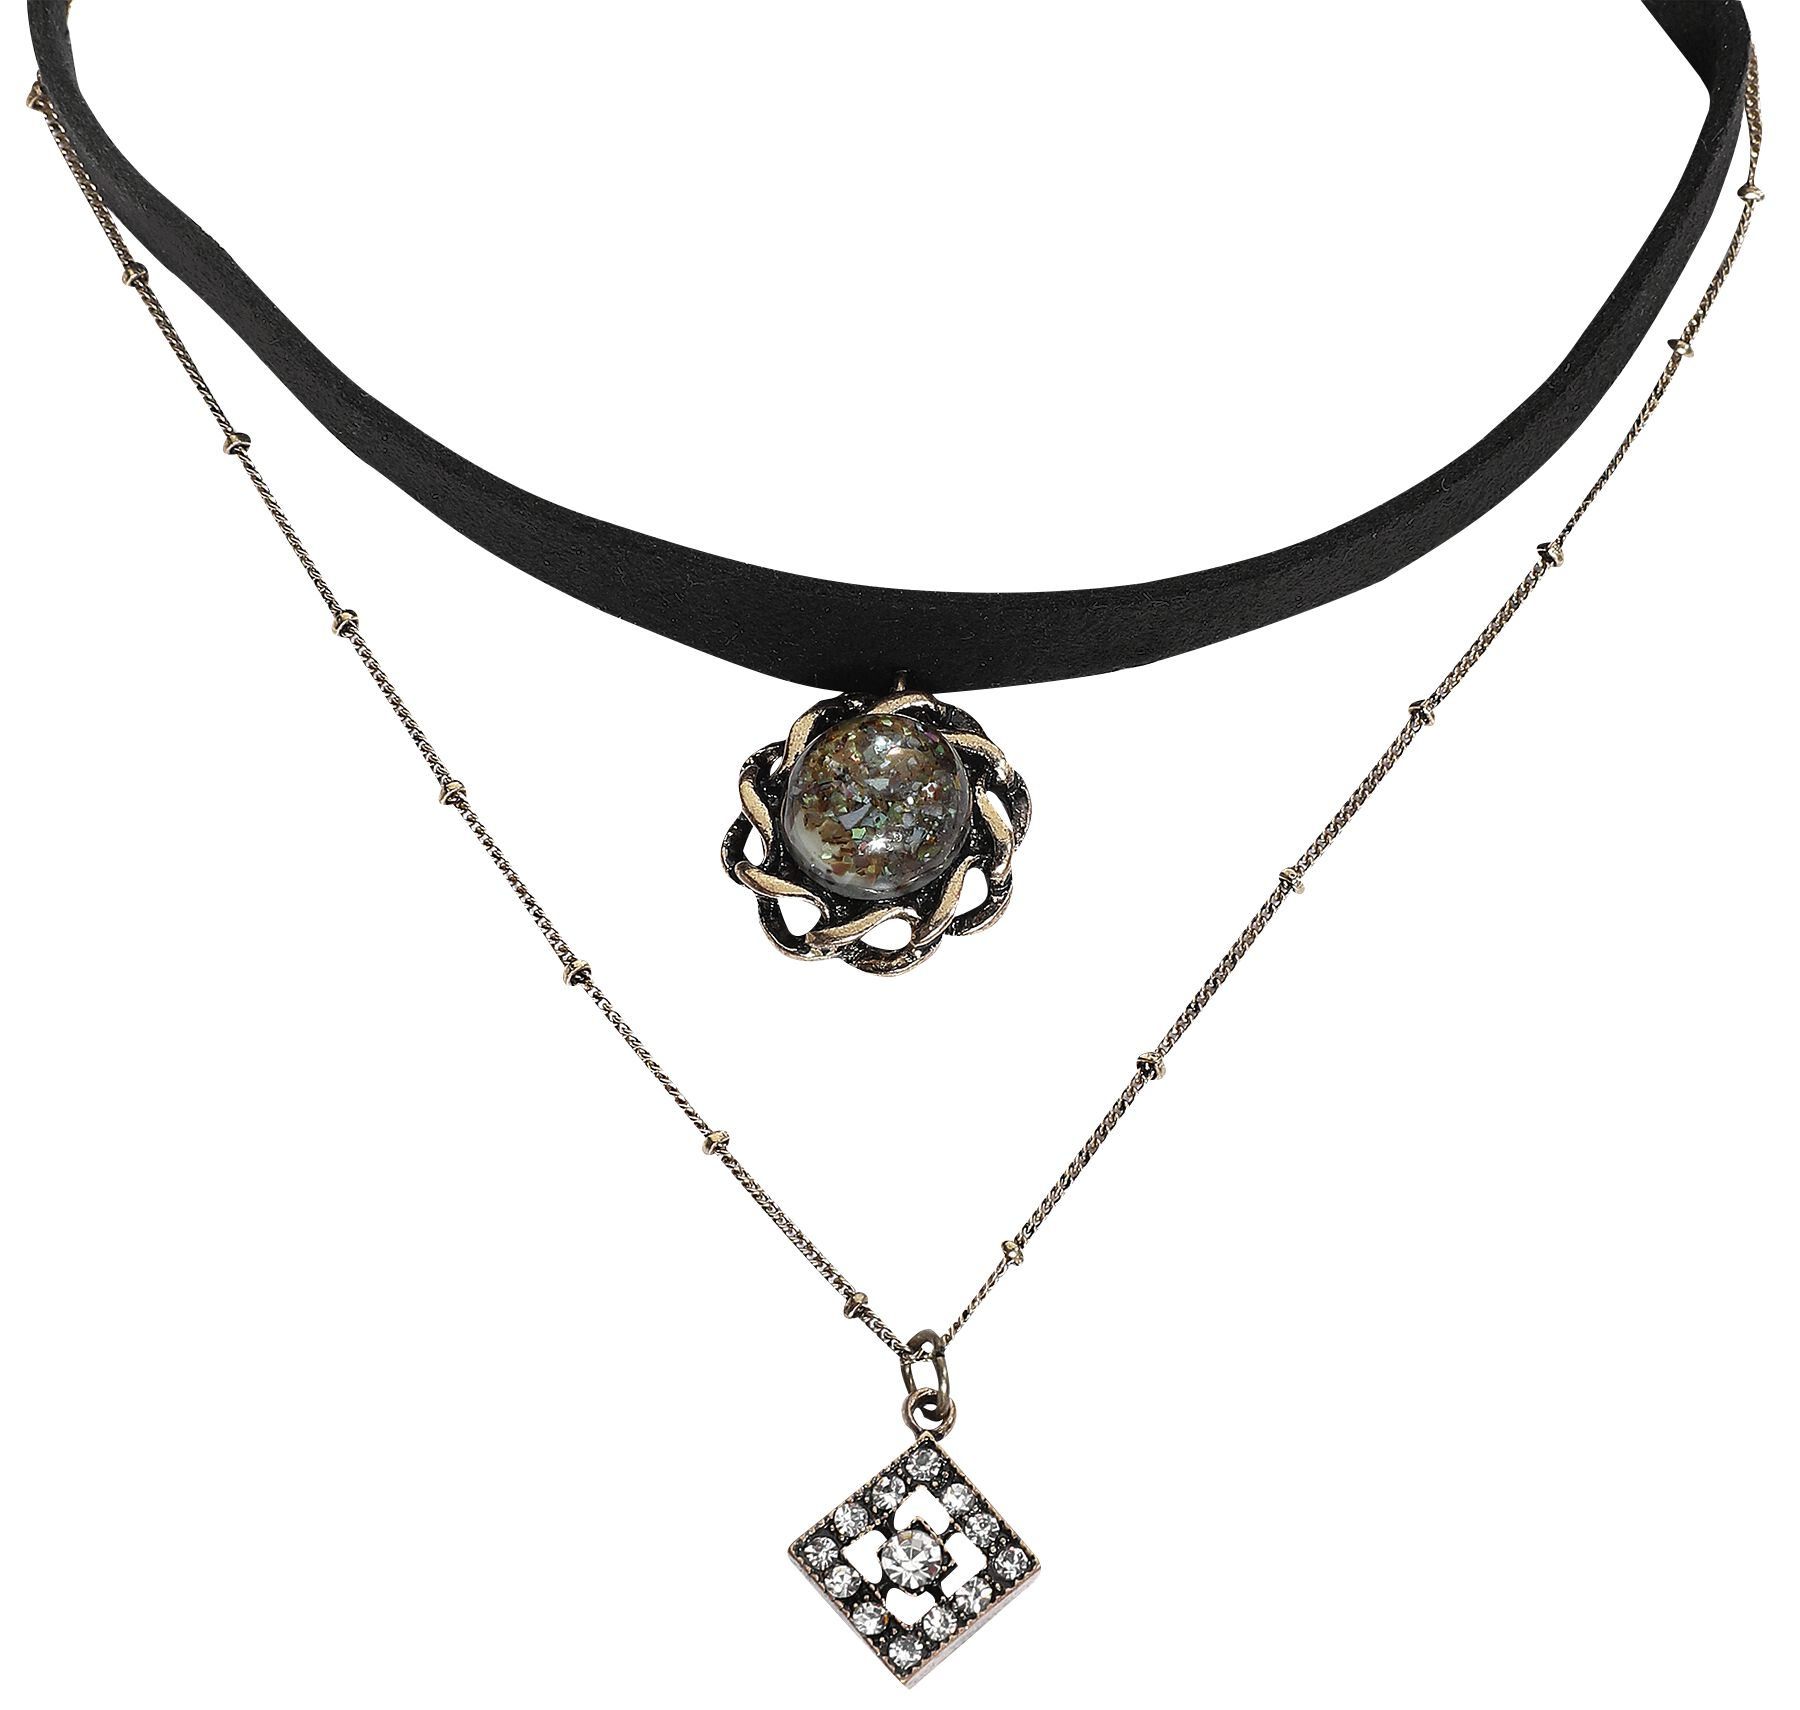 Antikblume Halsband schwarz goldfarben N121167 NS01